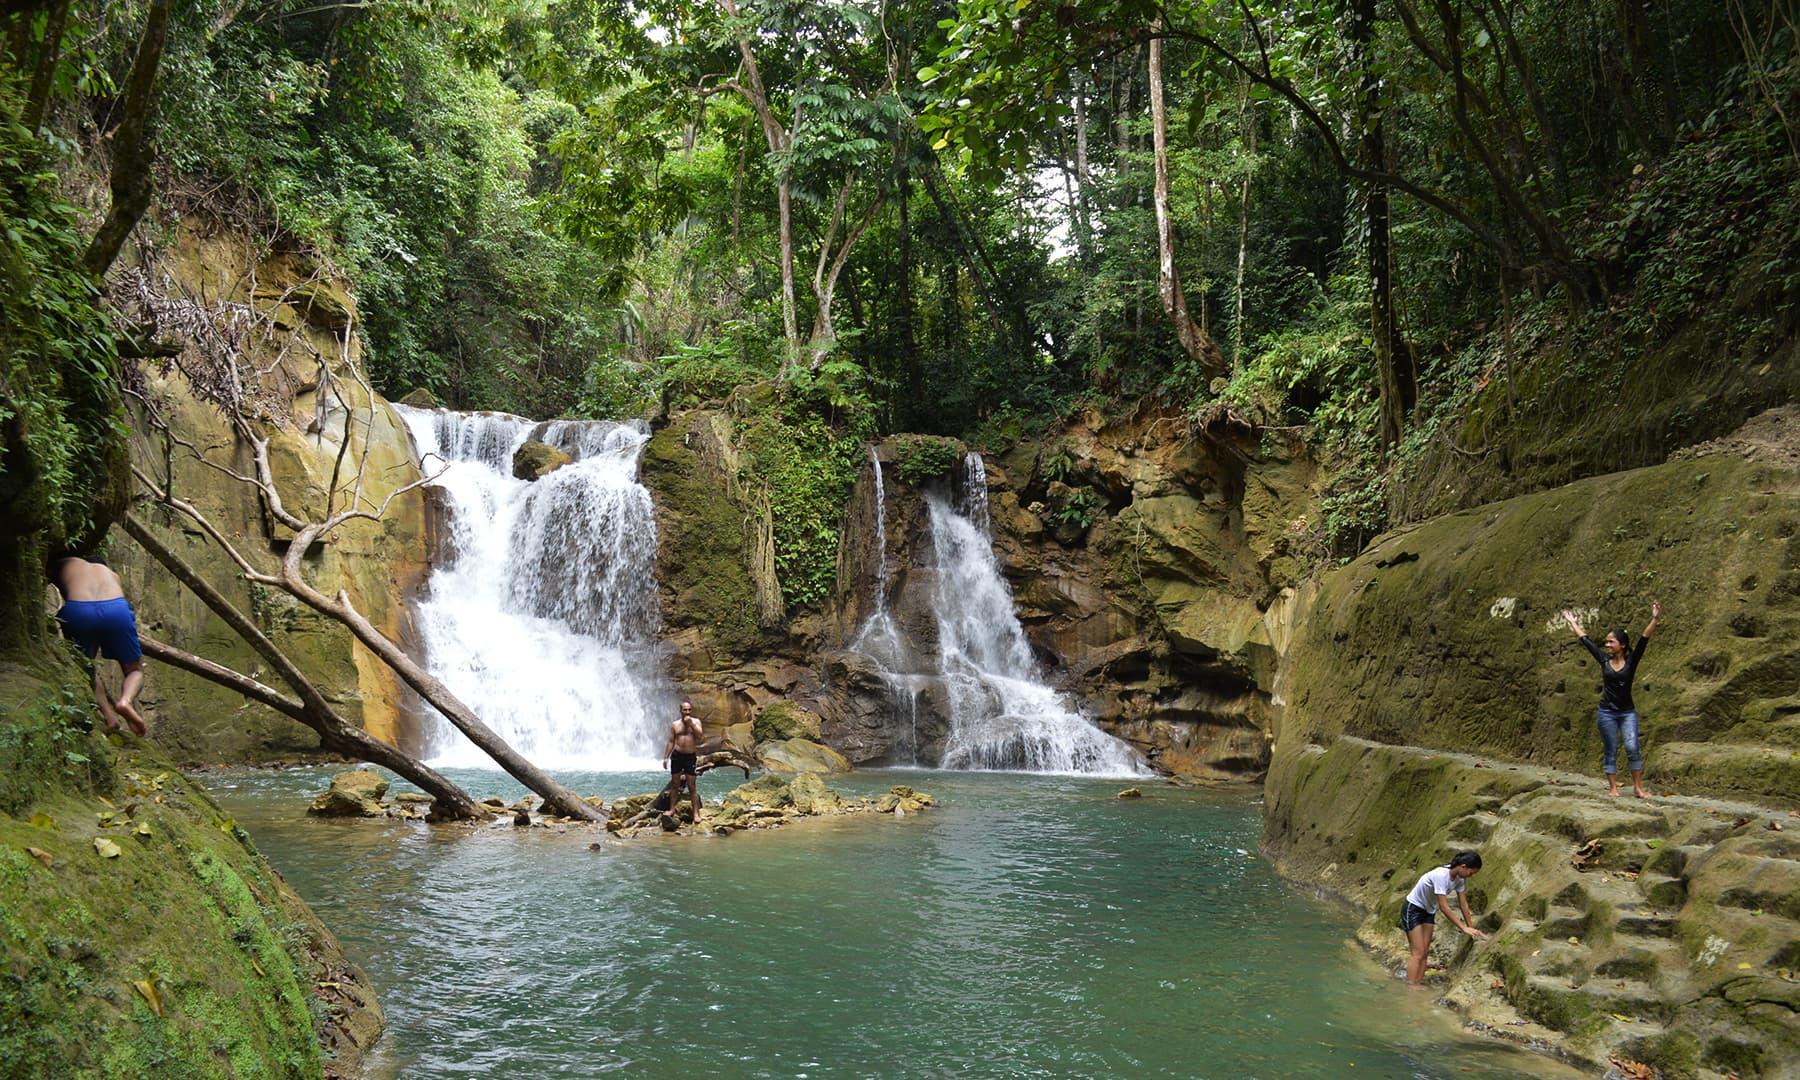 مگ آسو واٹر فالز (آبشار)—تصویر عظمت اکبر